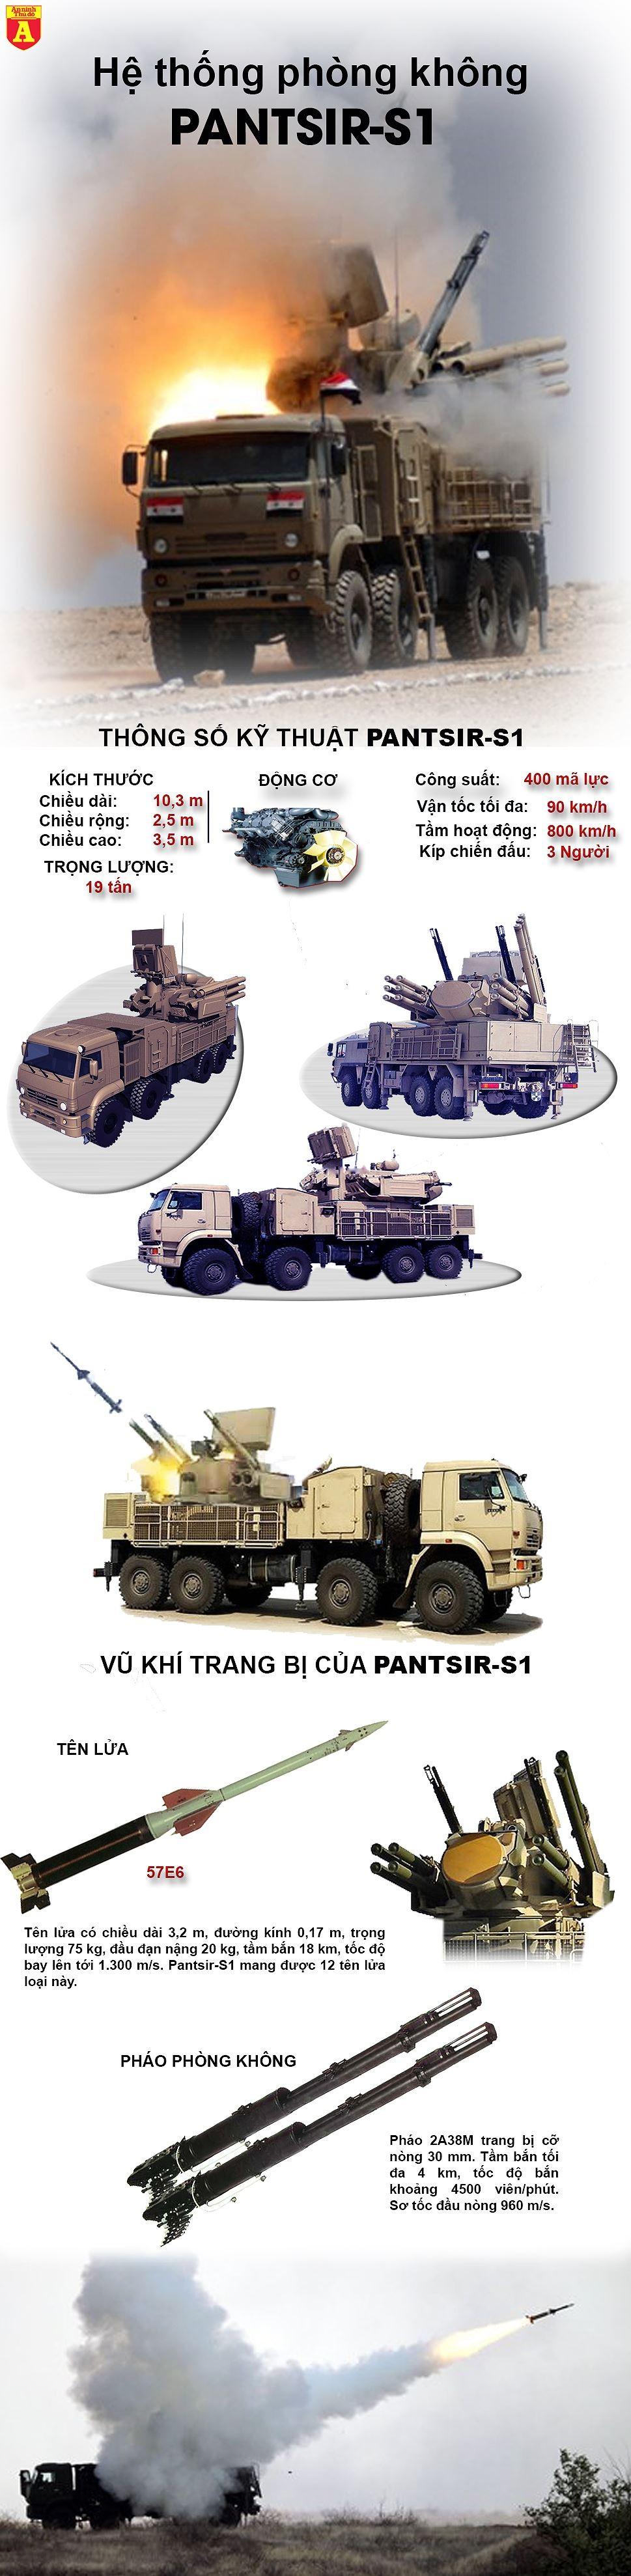 """[Infographic] """"Mãnh thú Pantsir-S1"""" lại lập công, căn cứ Nga trở nên bất khả xâm phạm tại Syria ảnh 2"""